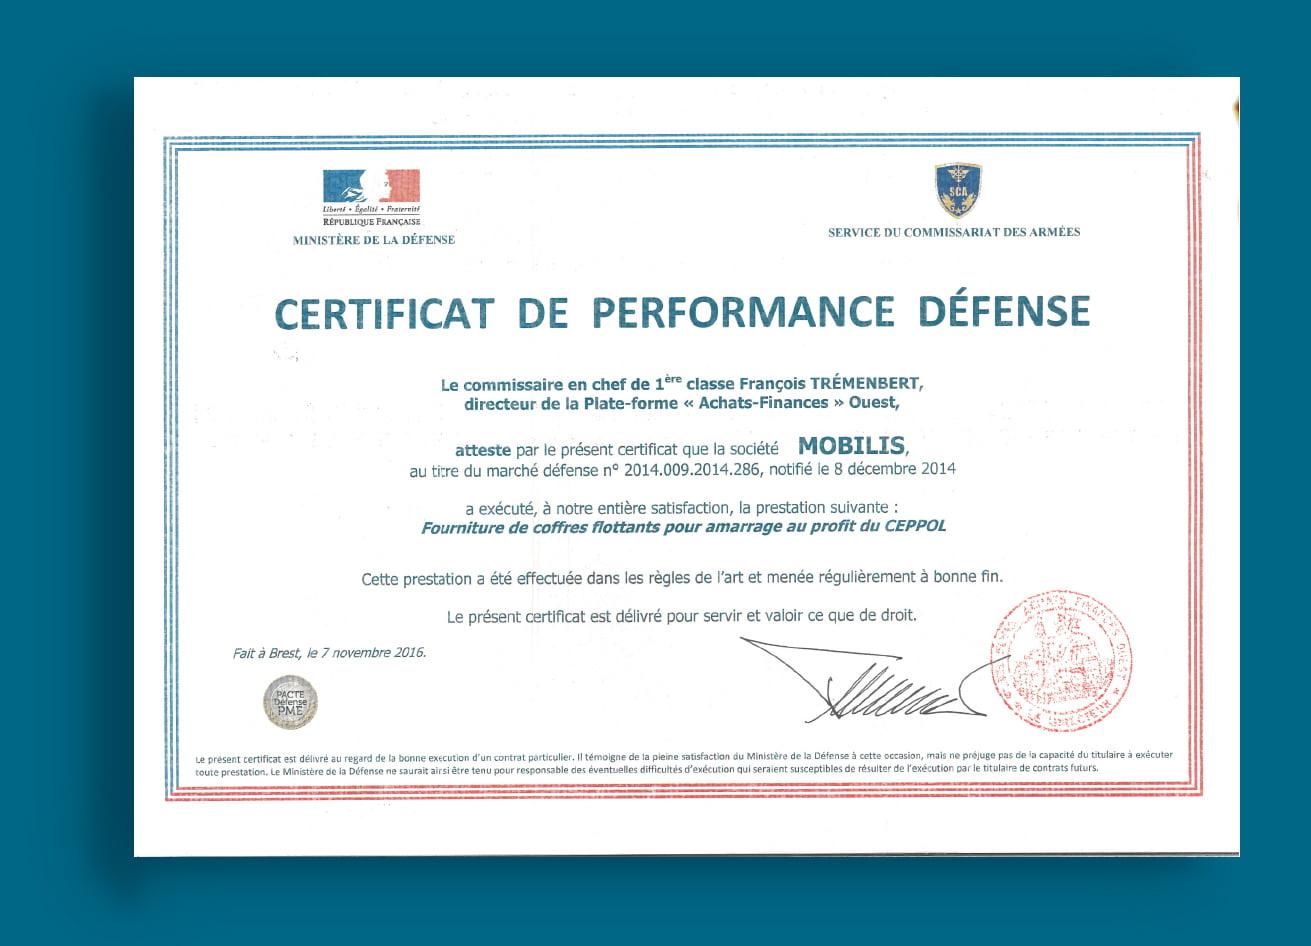 Mobilis-secteur-militaire